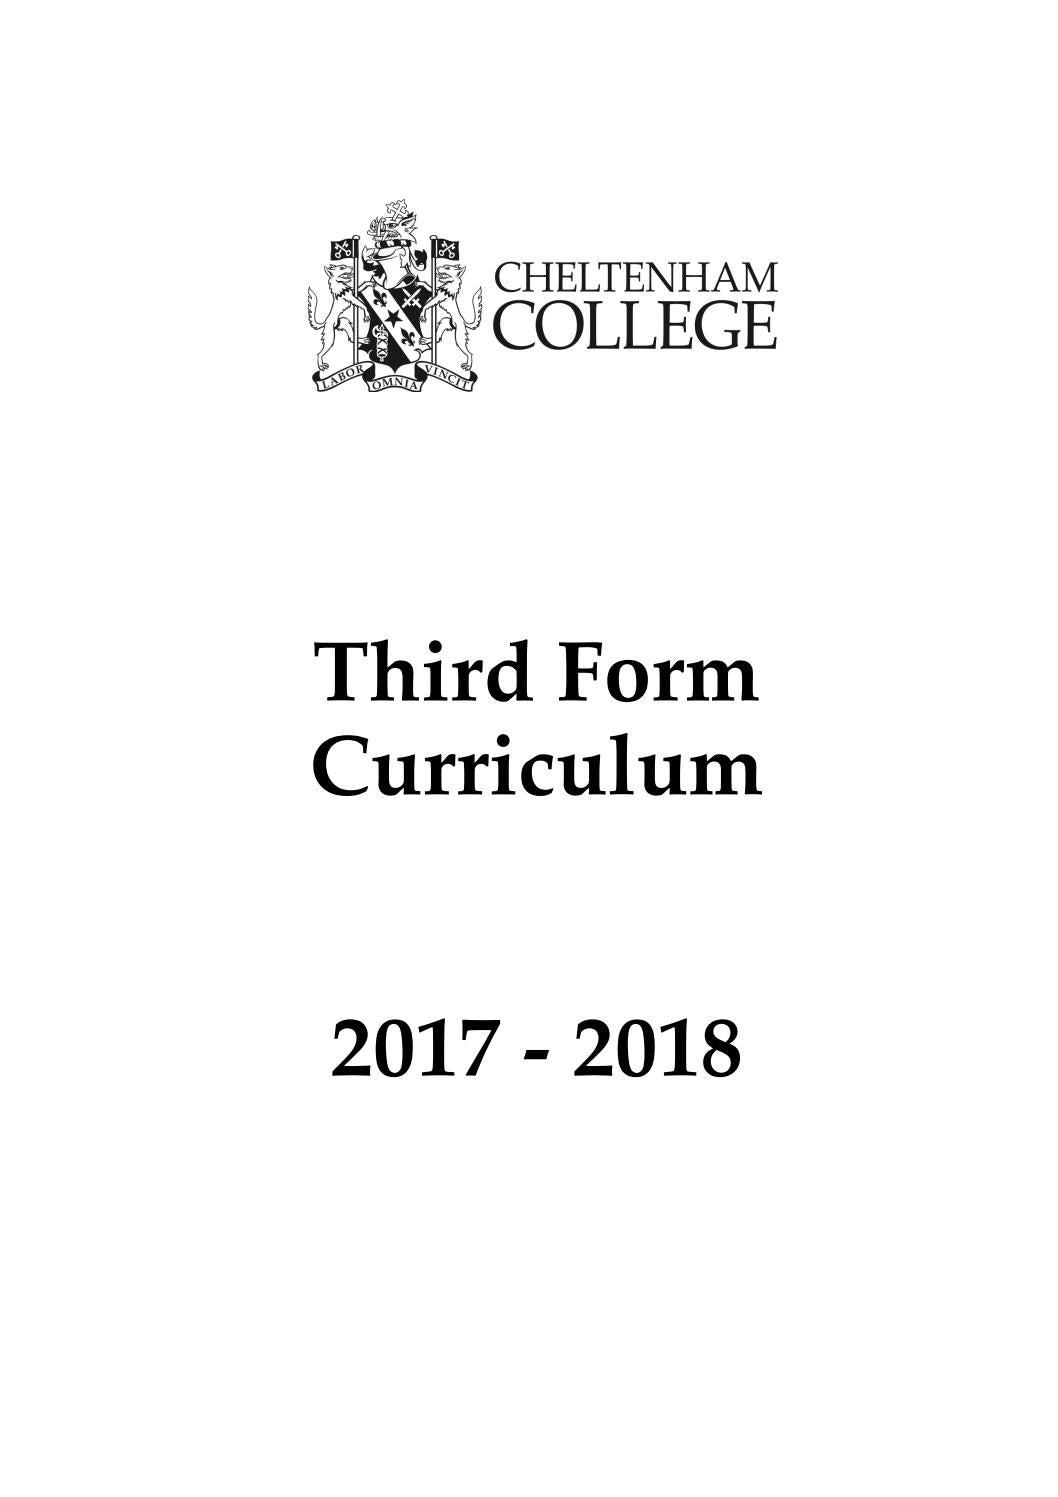 Third Form Curriculum Handbook 2017-18 by Cheltenham